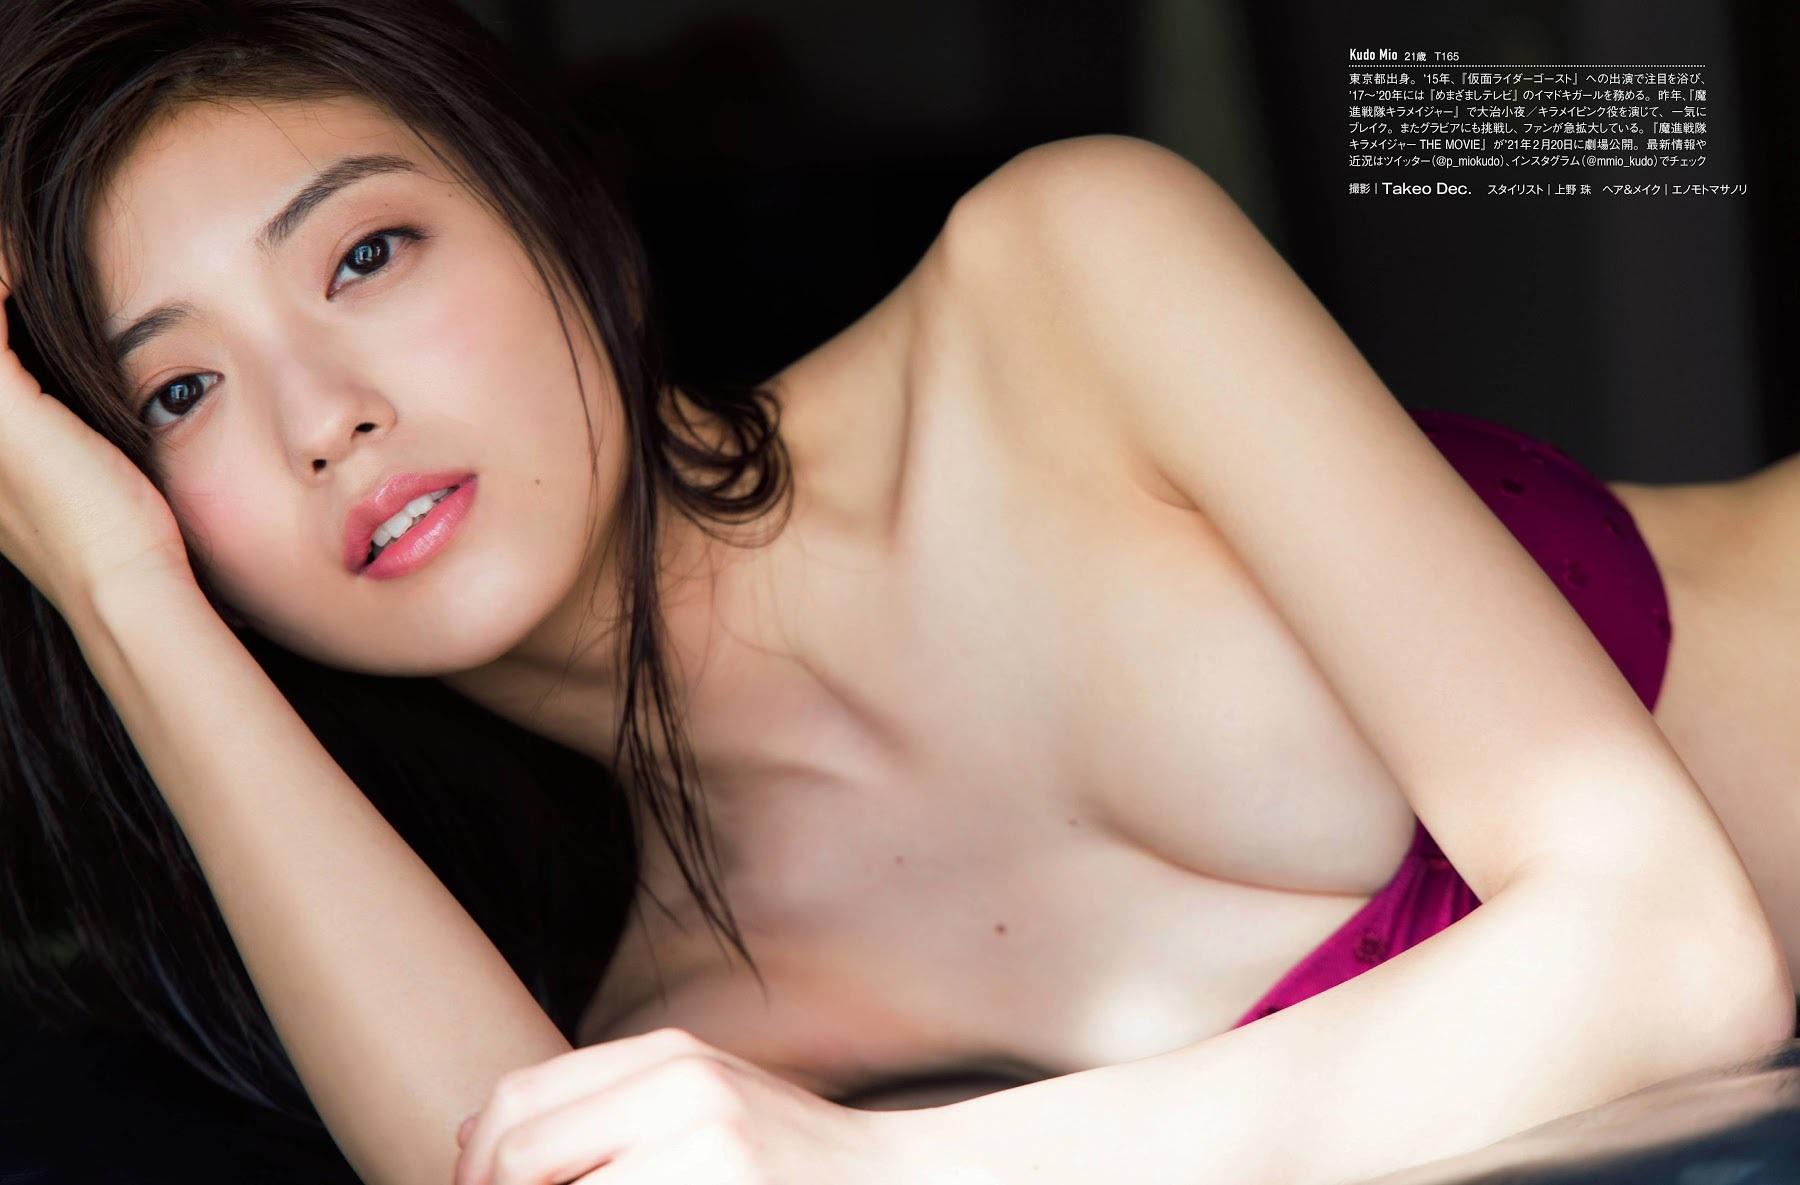 [日本]2021年值得注目的写真新星工藤美桜-新图包